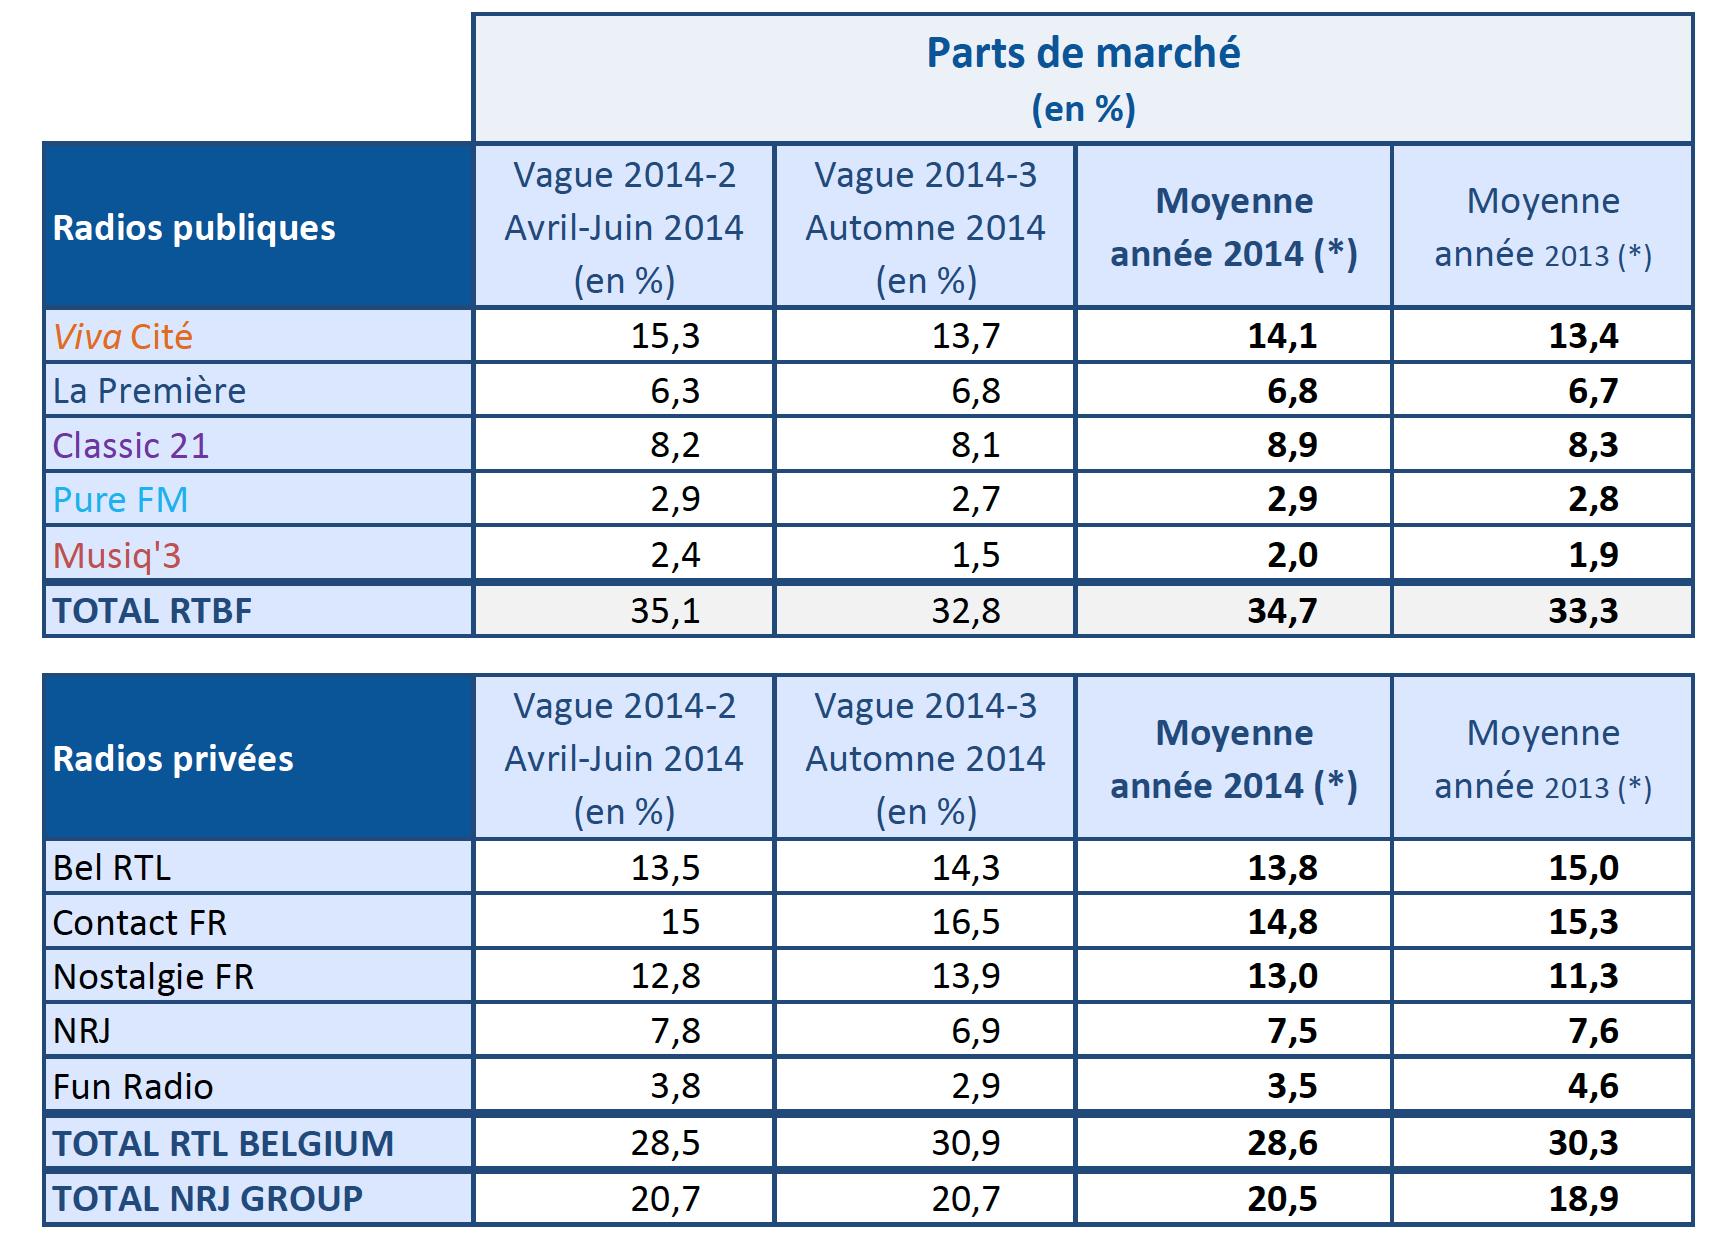 Tableau comparatif en parts de marché : W2014-2 (avril-juin 2014) - W2014-3 (Automne 2014)et moyenne Année 2014 et 2013